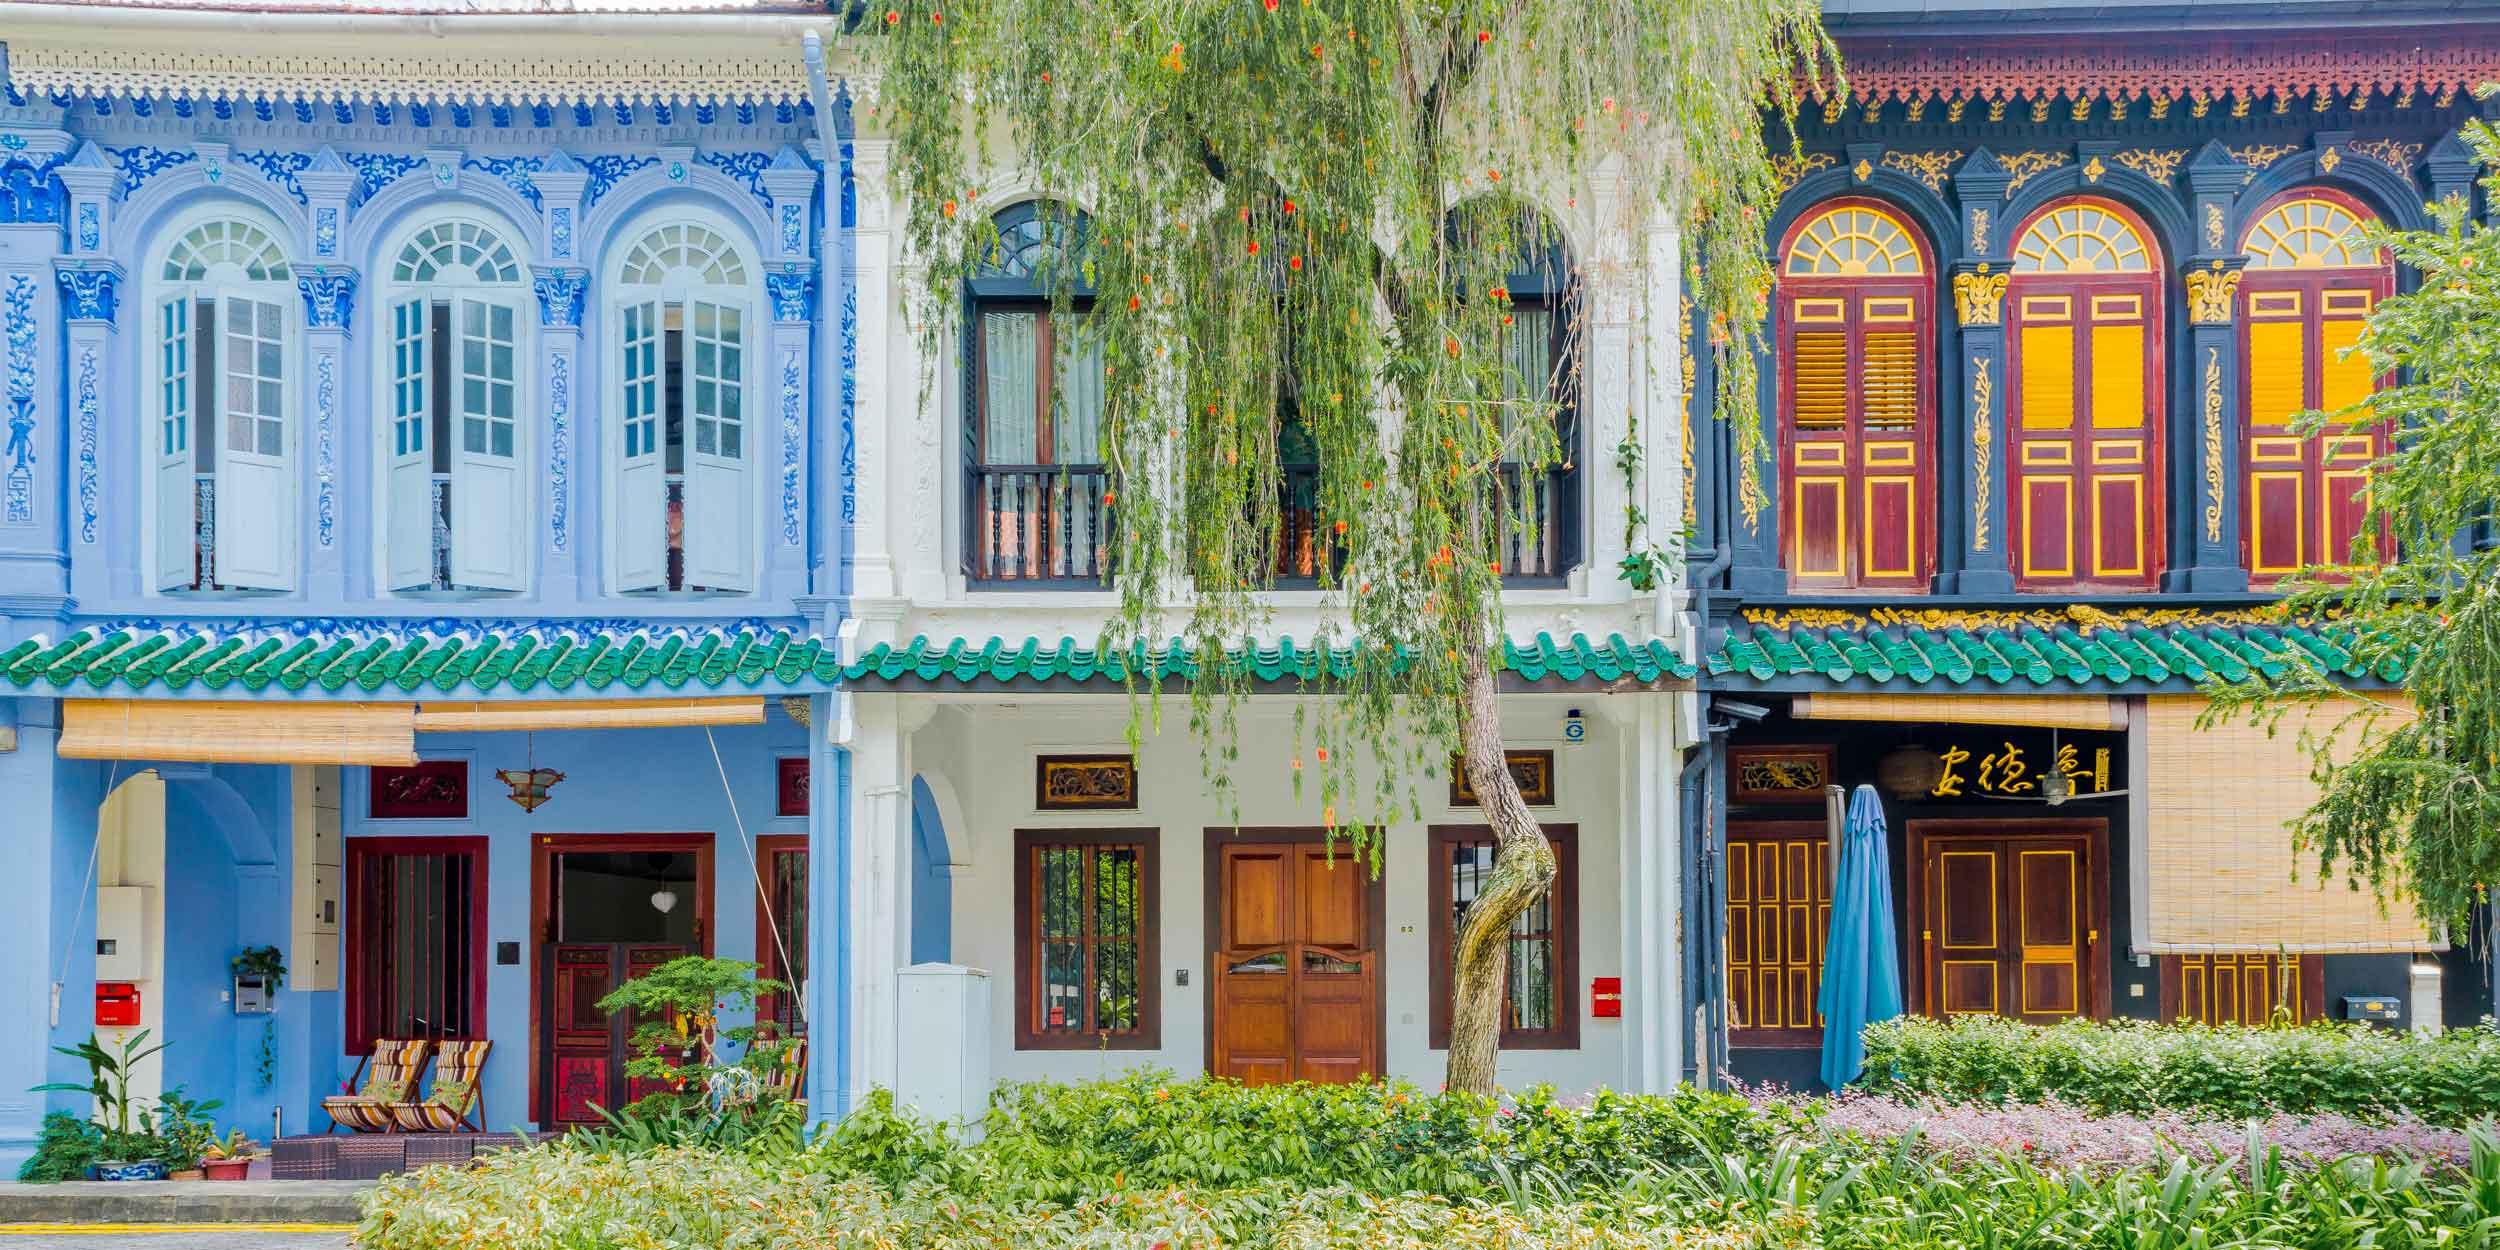 Singapore-Shophouses-original-image-3.jpg